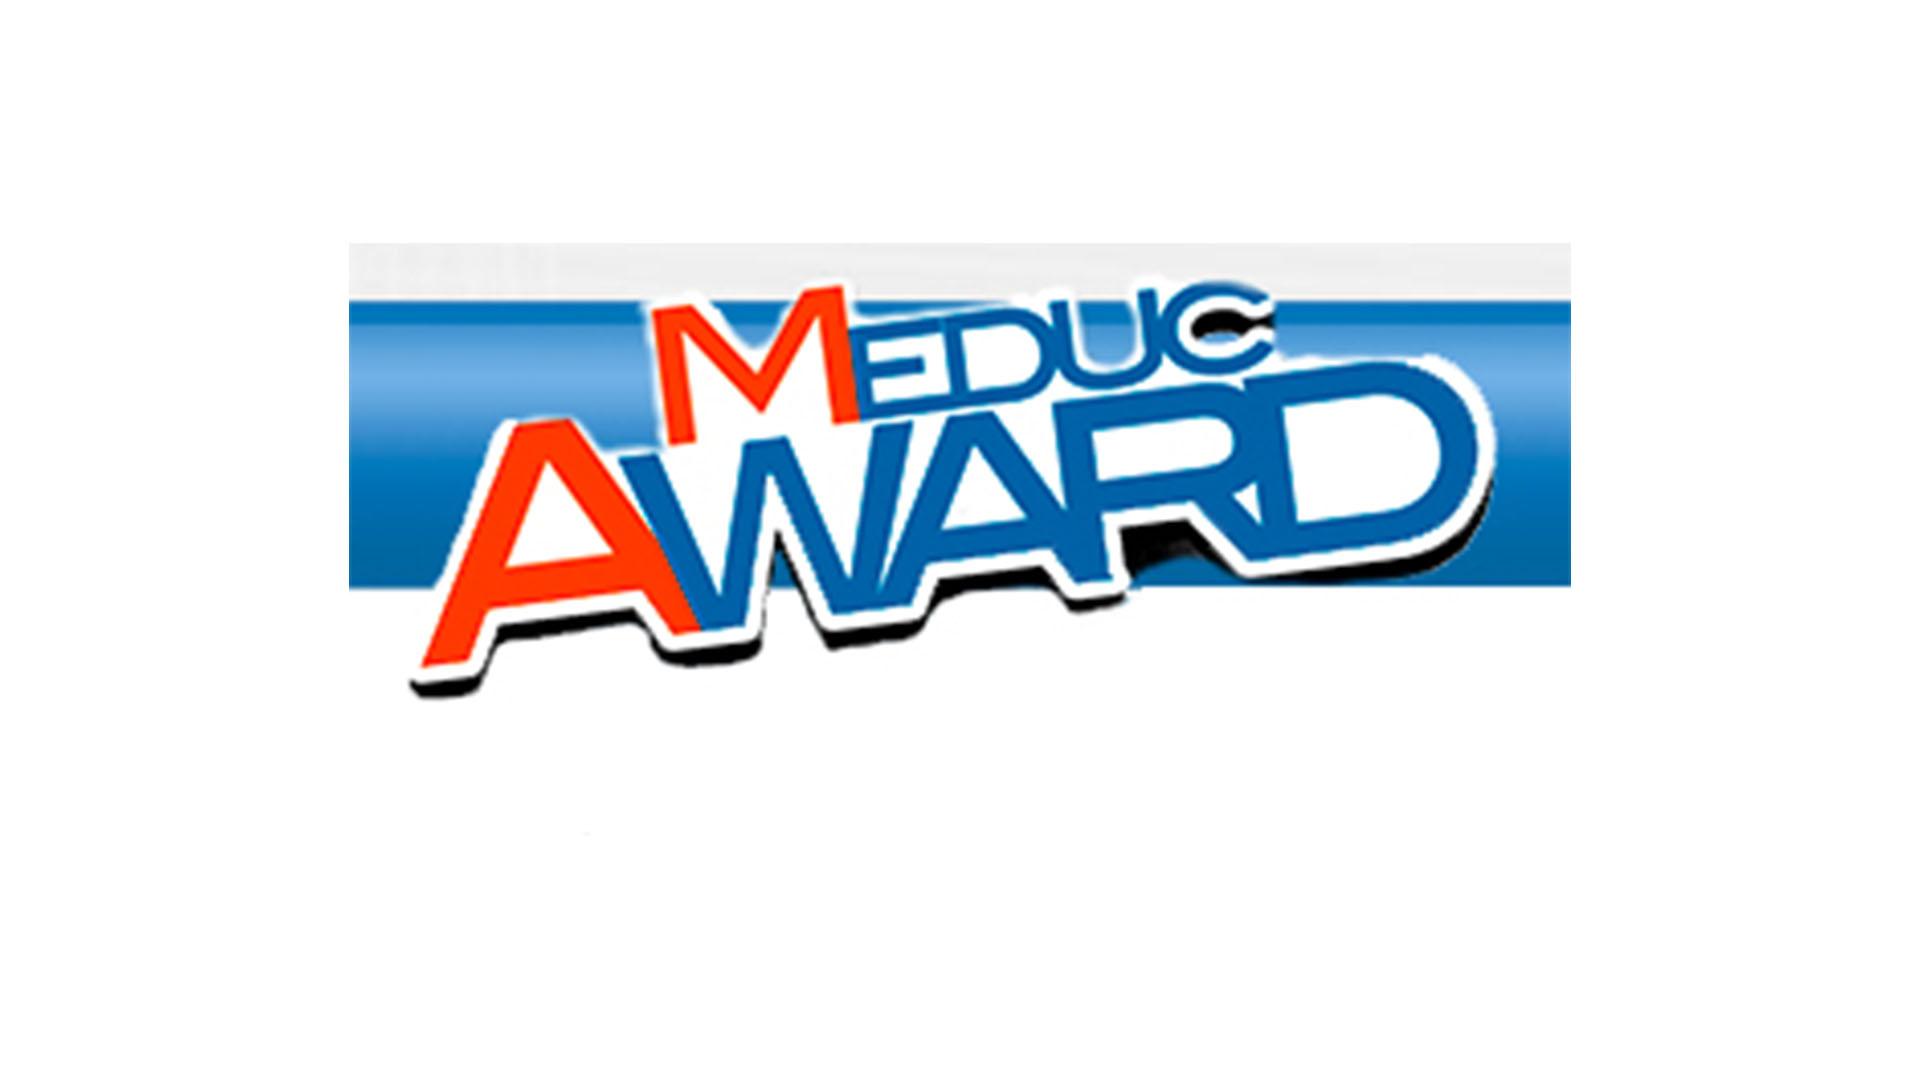 Meduc Award